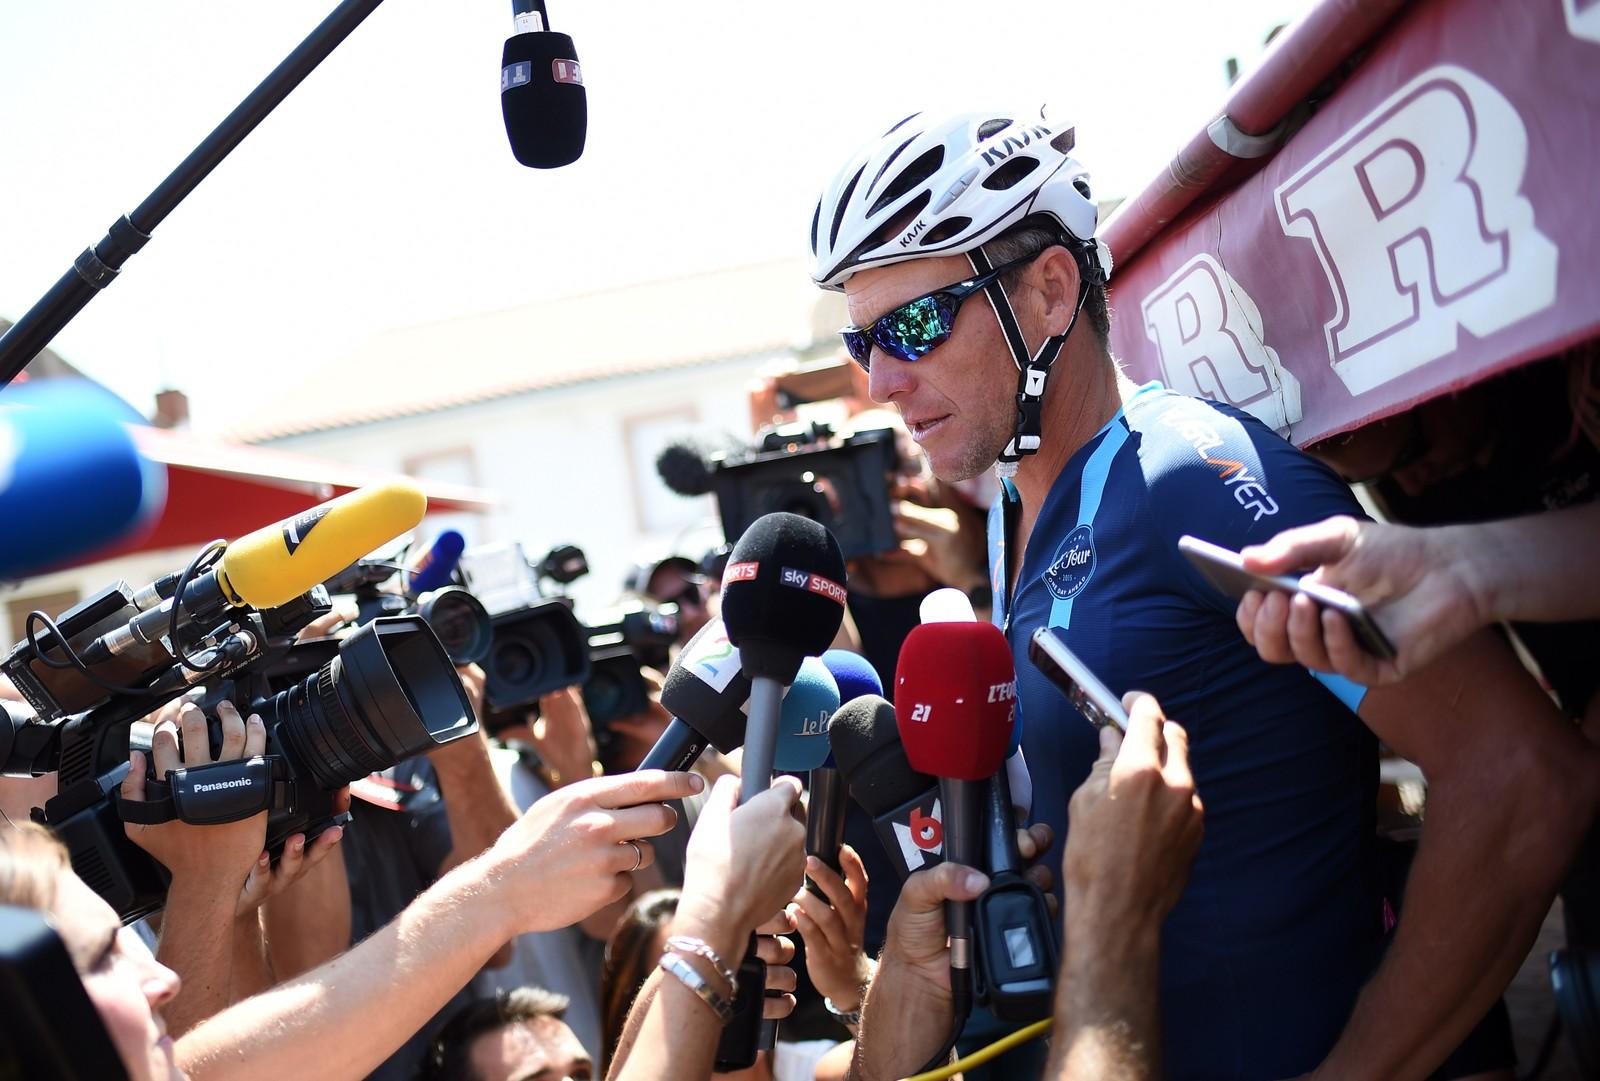 Lance Armstrong dukket opp - og utløste nesten slåsskamp blant fotografer og journalister som alle ville ha den beste intervjuposisjonen. AFP PHOTO / STEPHANE DE SAKUTIN